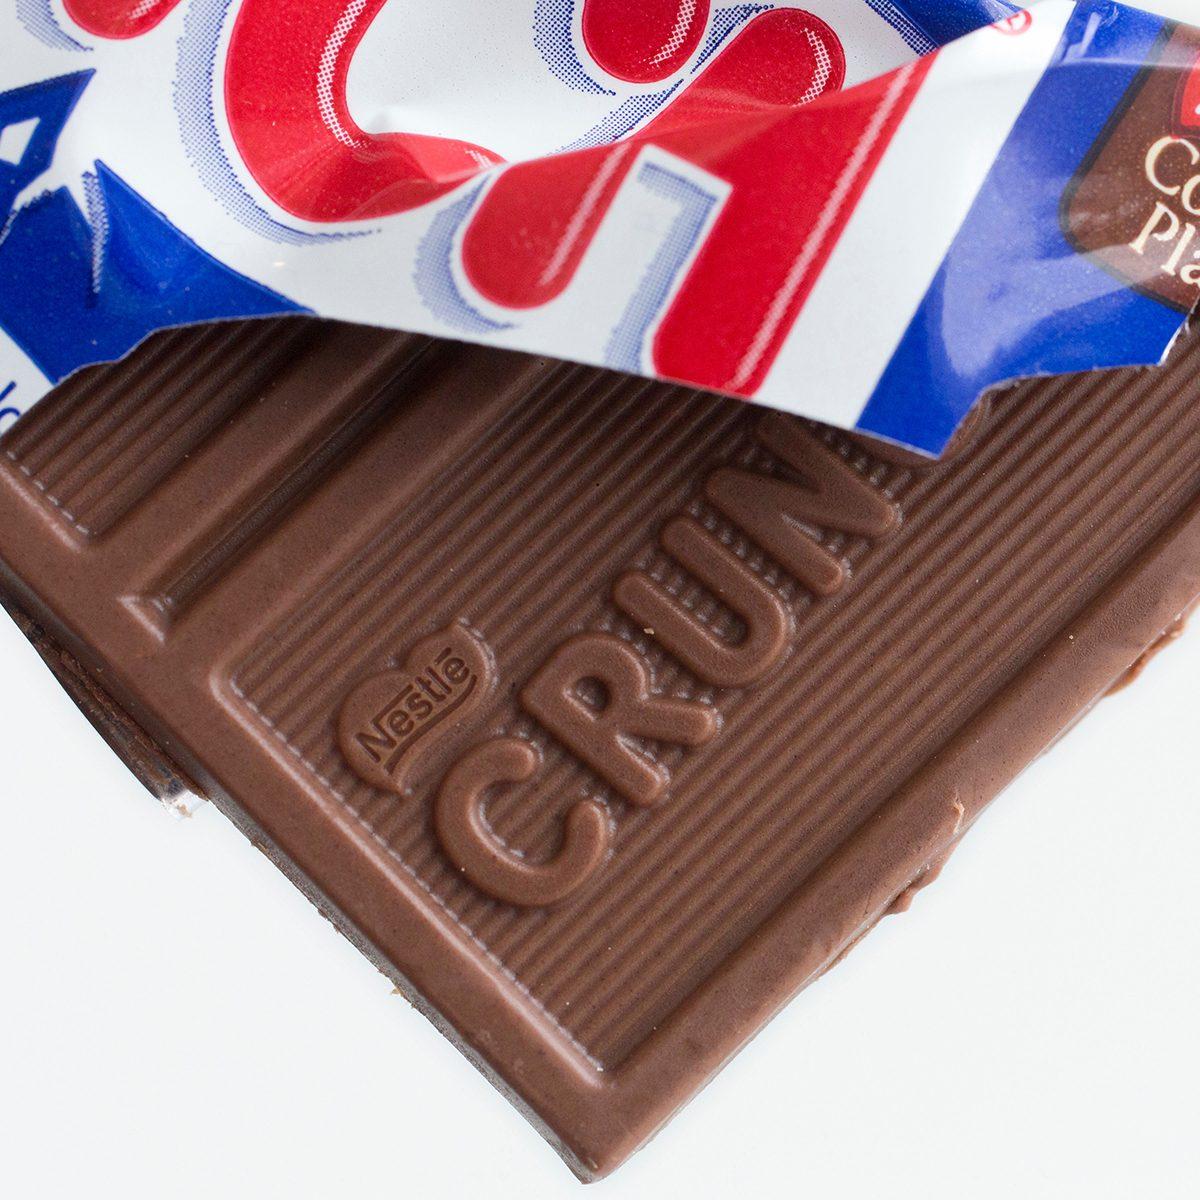 A Nestle Crunch candy bar